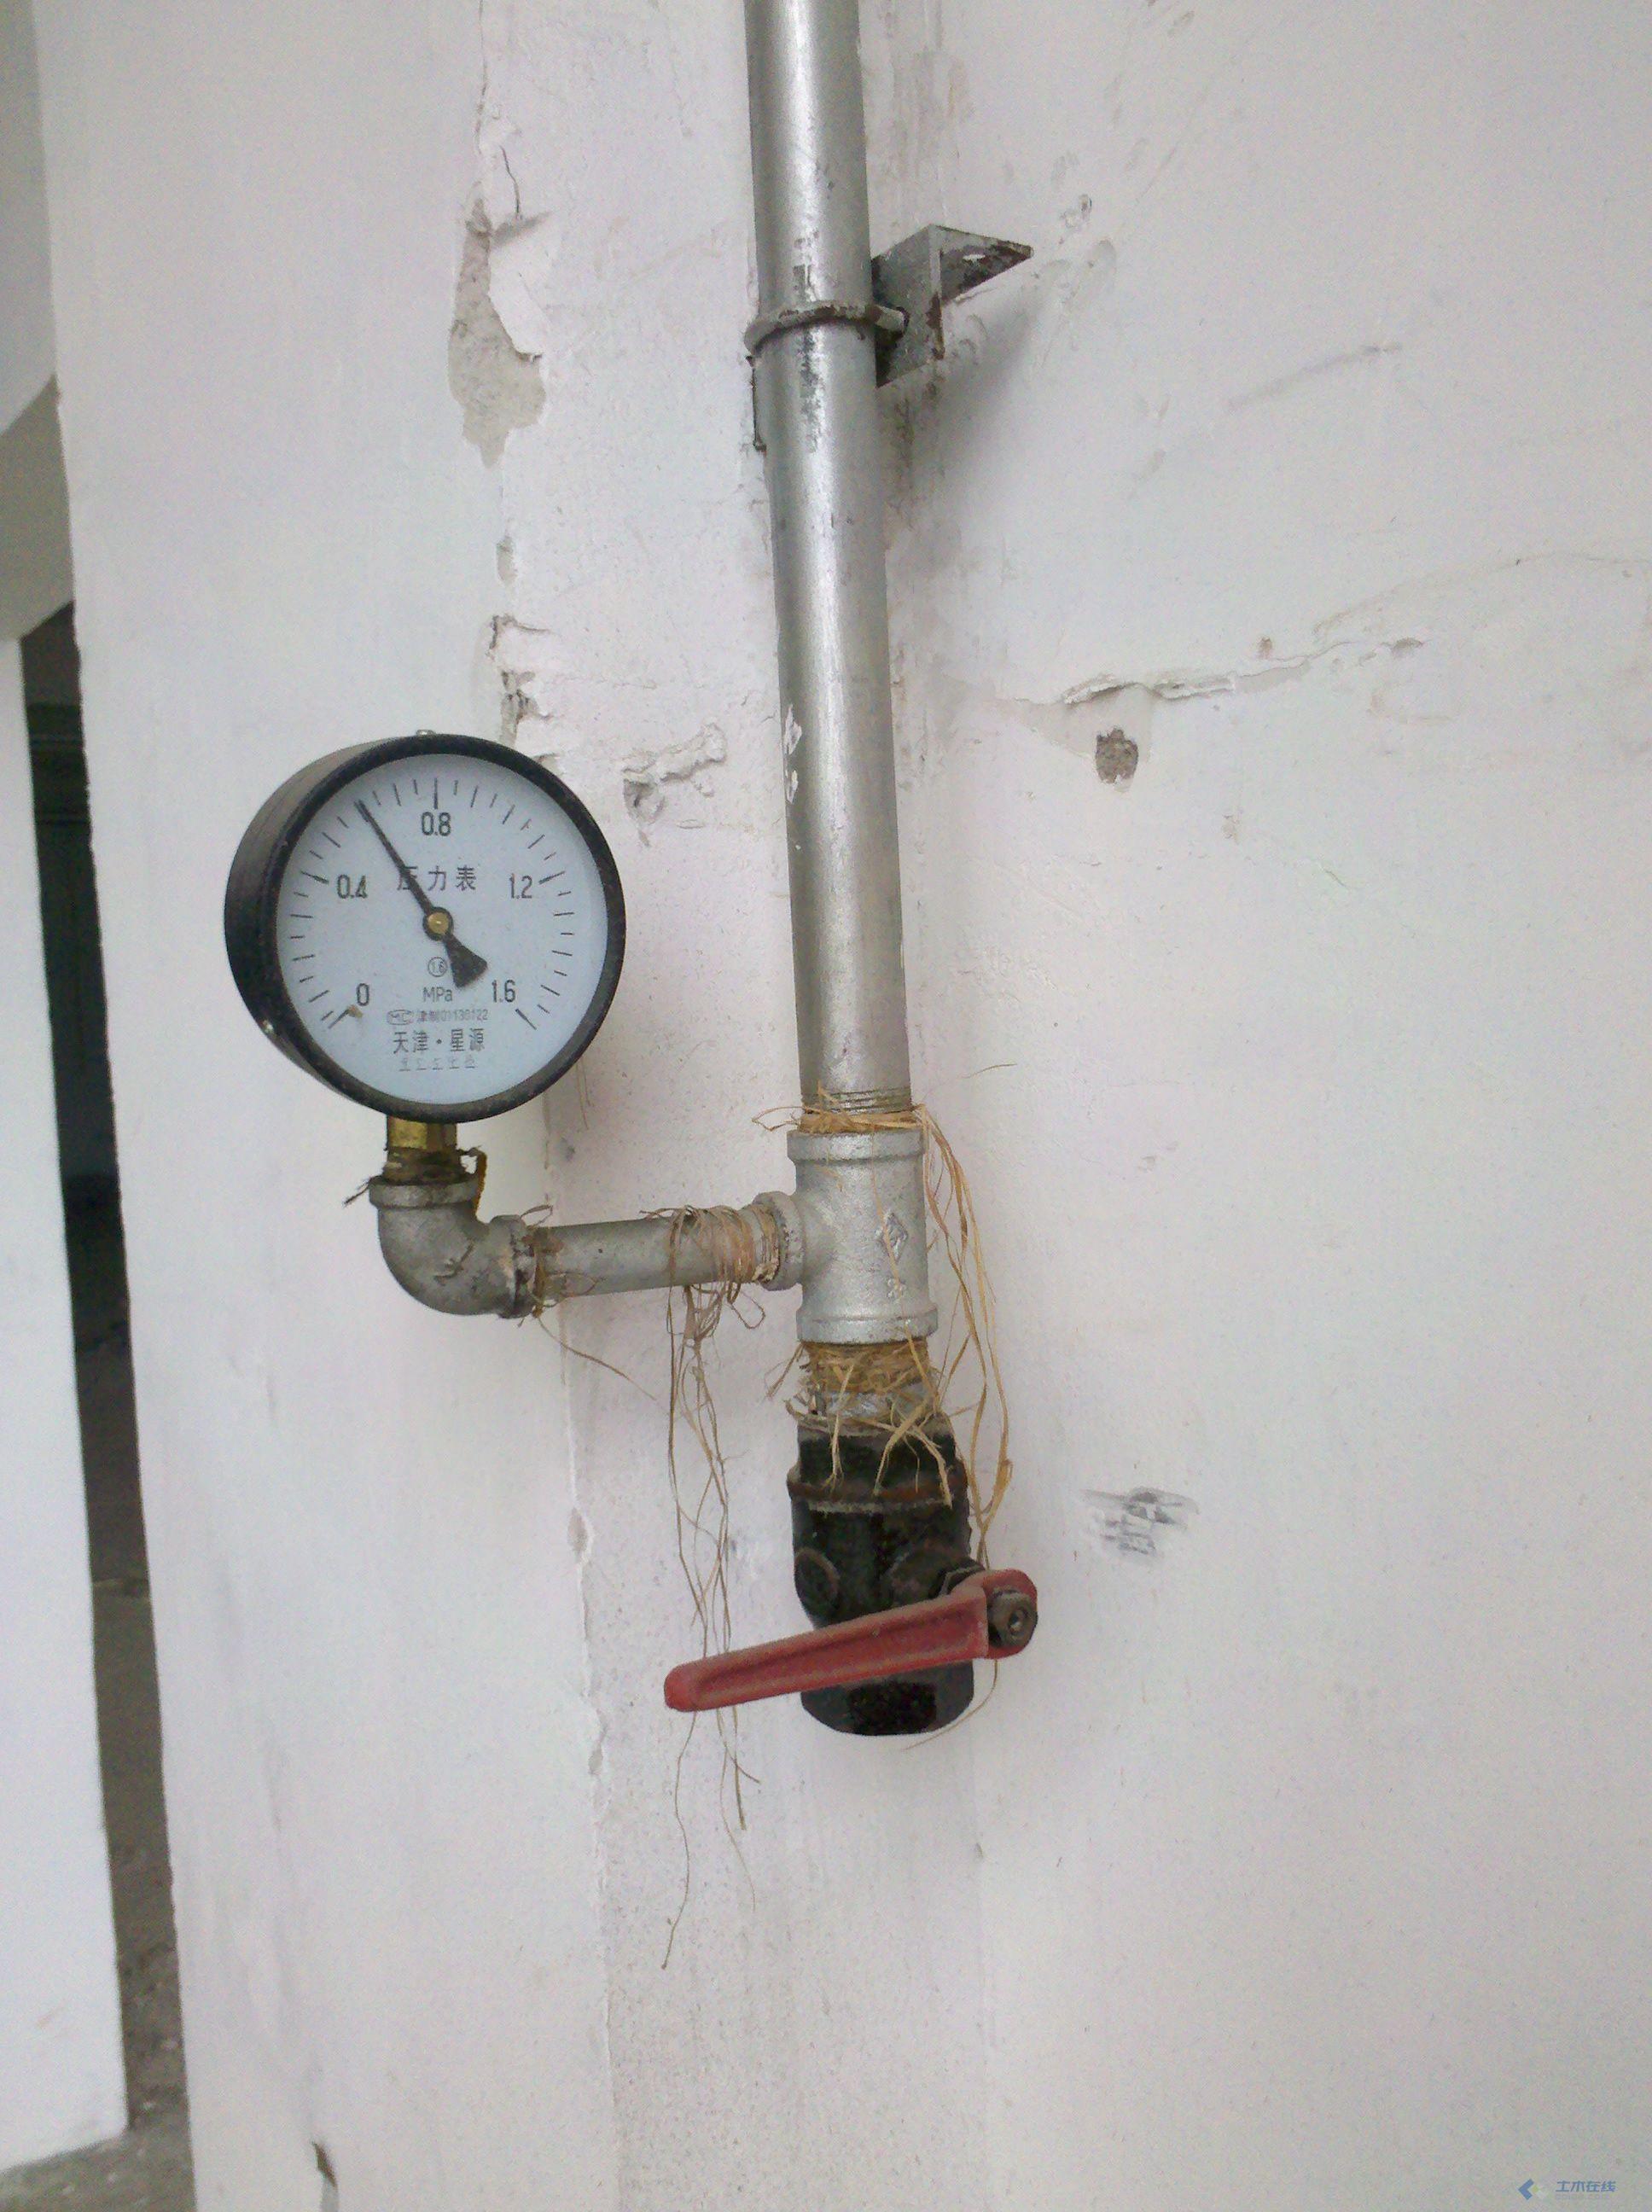 末端试水装置的试水接头是怎么样的